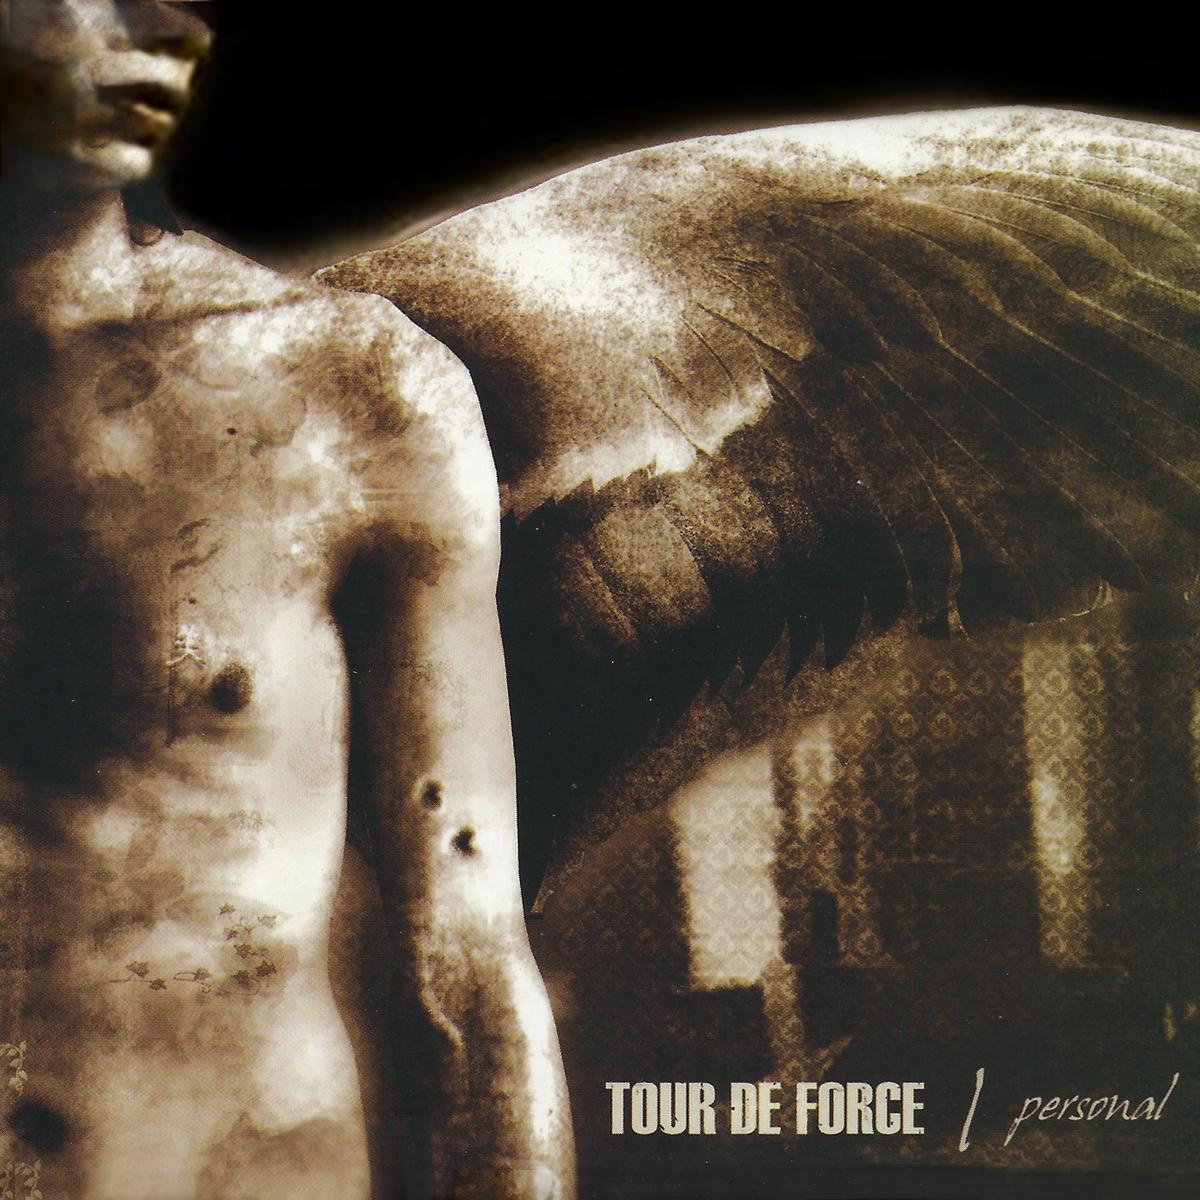 TPR909 - Tour De Force - Personal